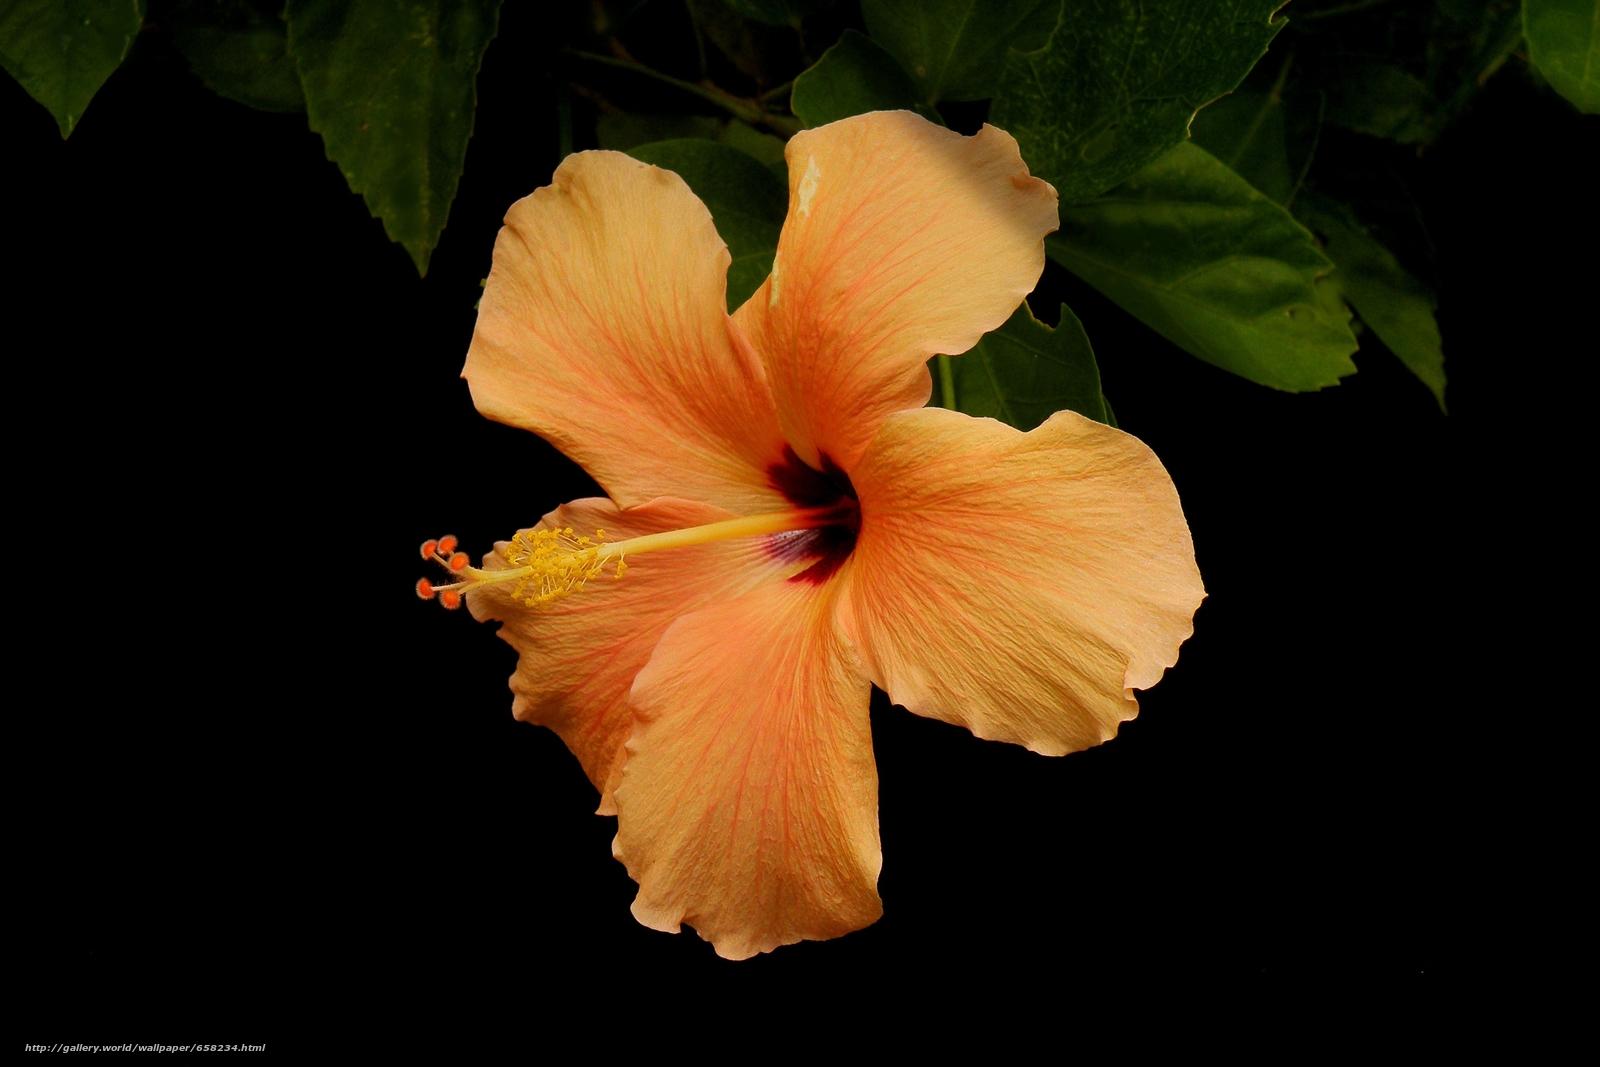 Скачать обои Гибискус,  Hibiscus,  цветы,  цветок бесплатно для рабочего стола в разрешении 3648x2432 — картинка №658234